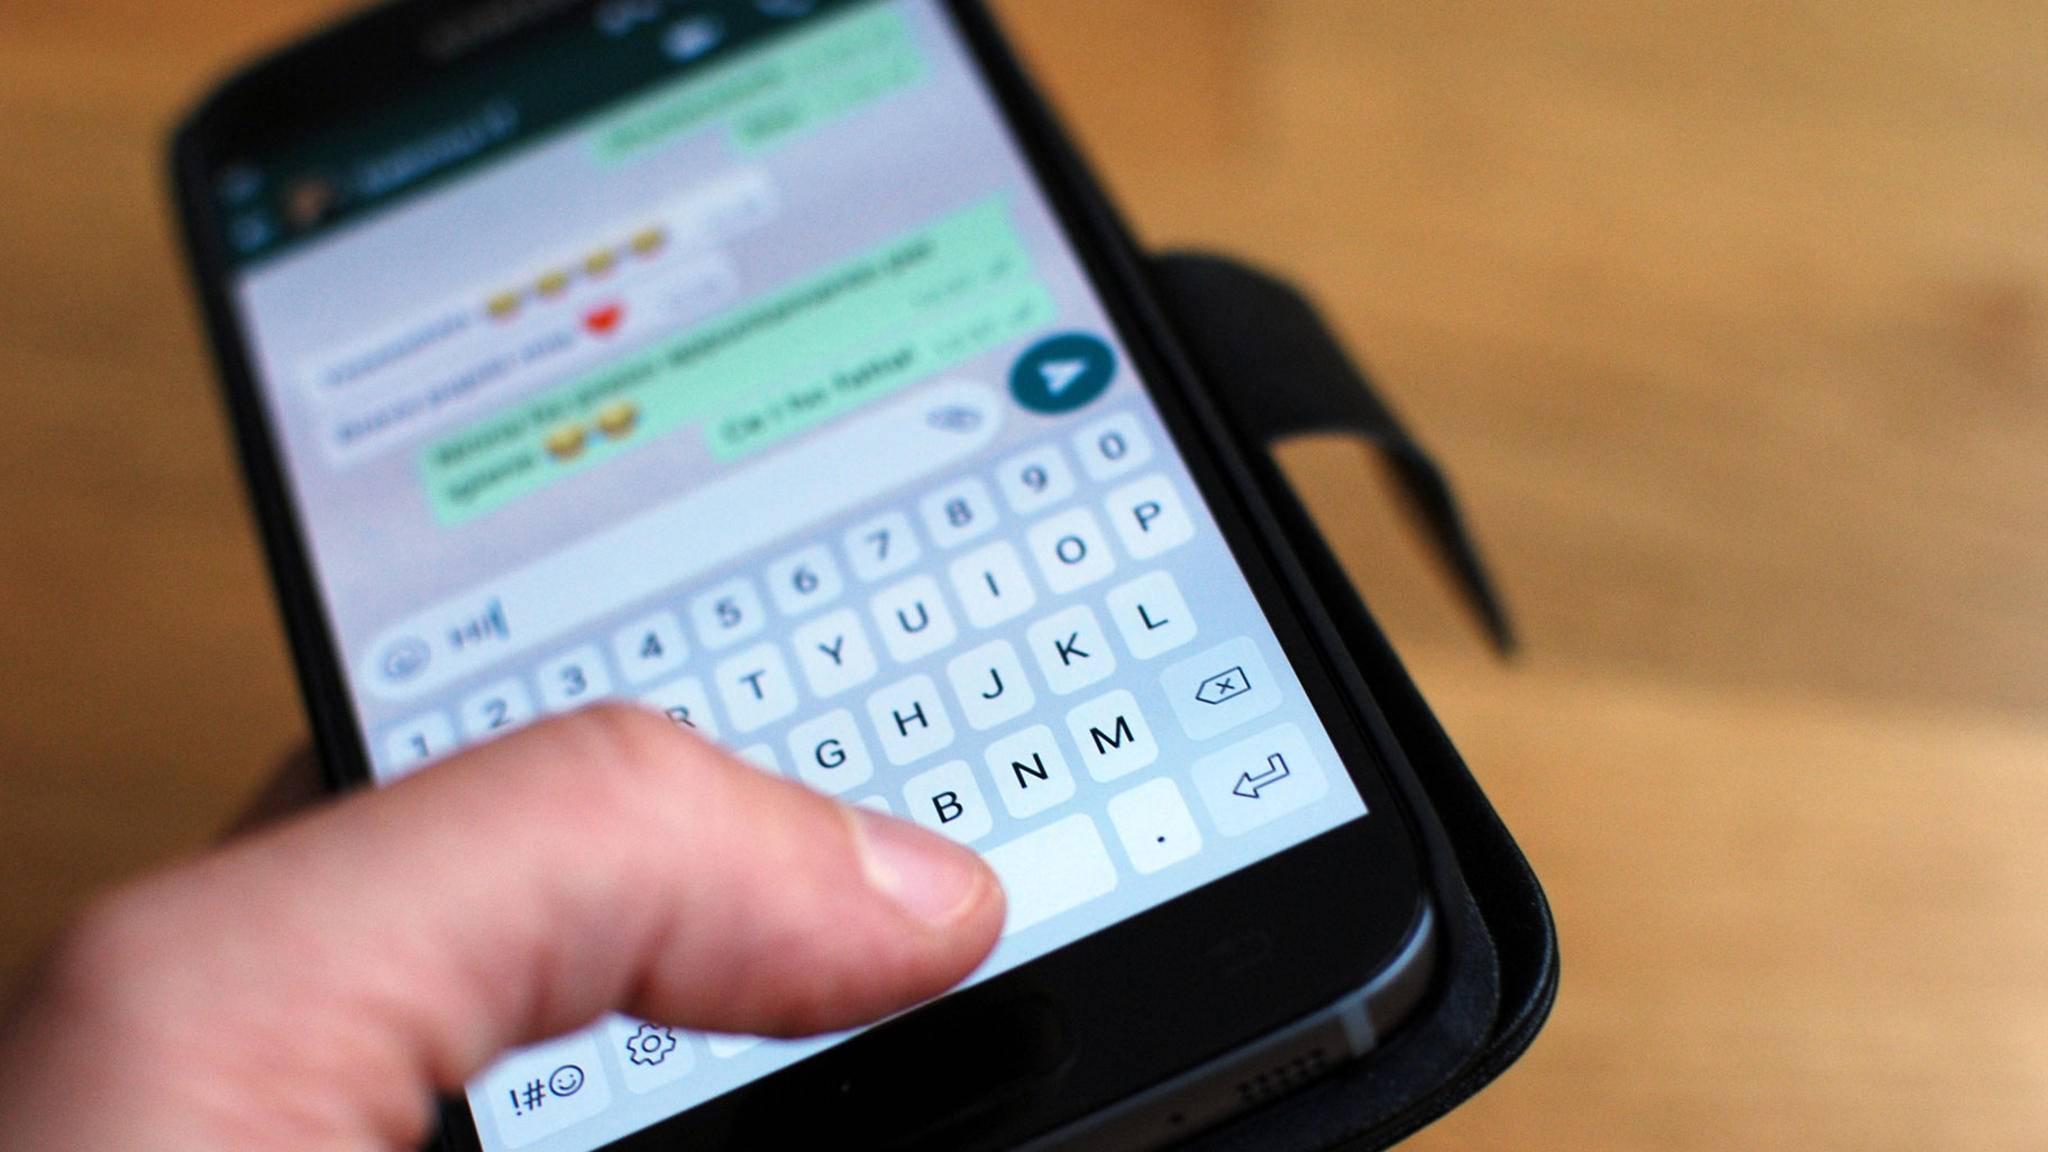 Der Zugriff auf Chats lässt sich zukünftig womöglich per Fingerabdruck absichern.